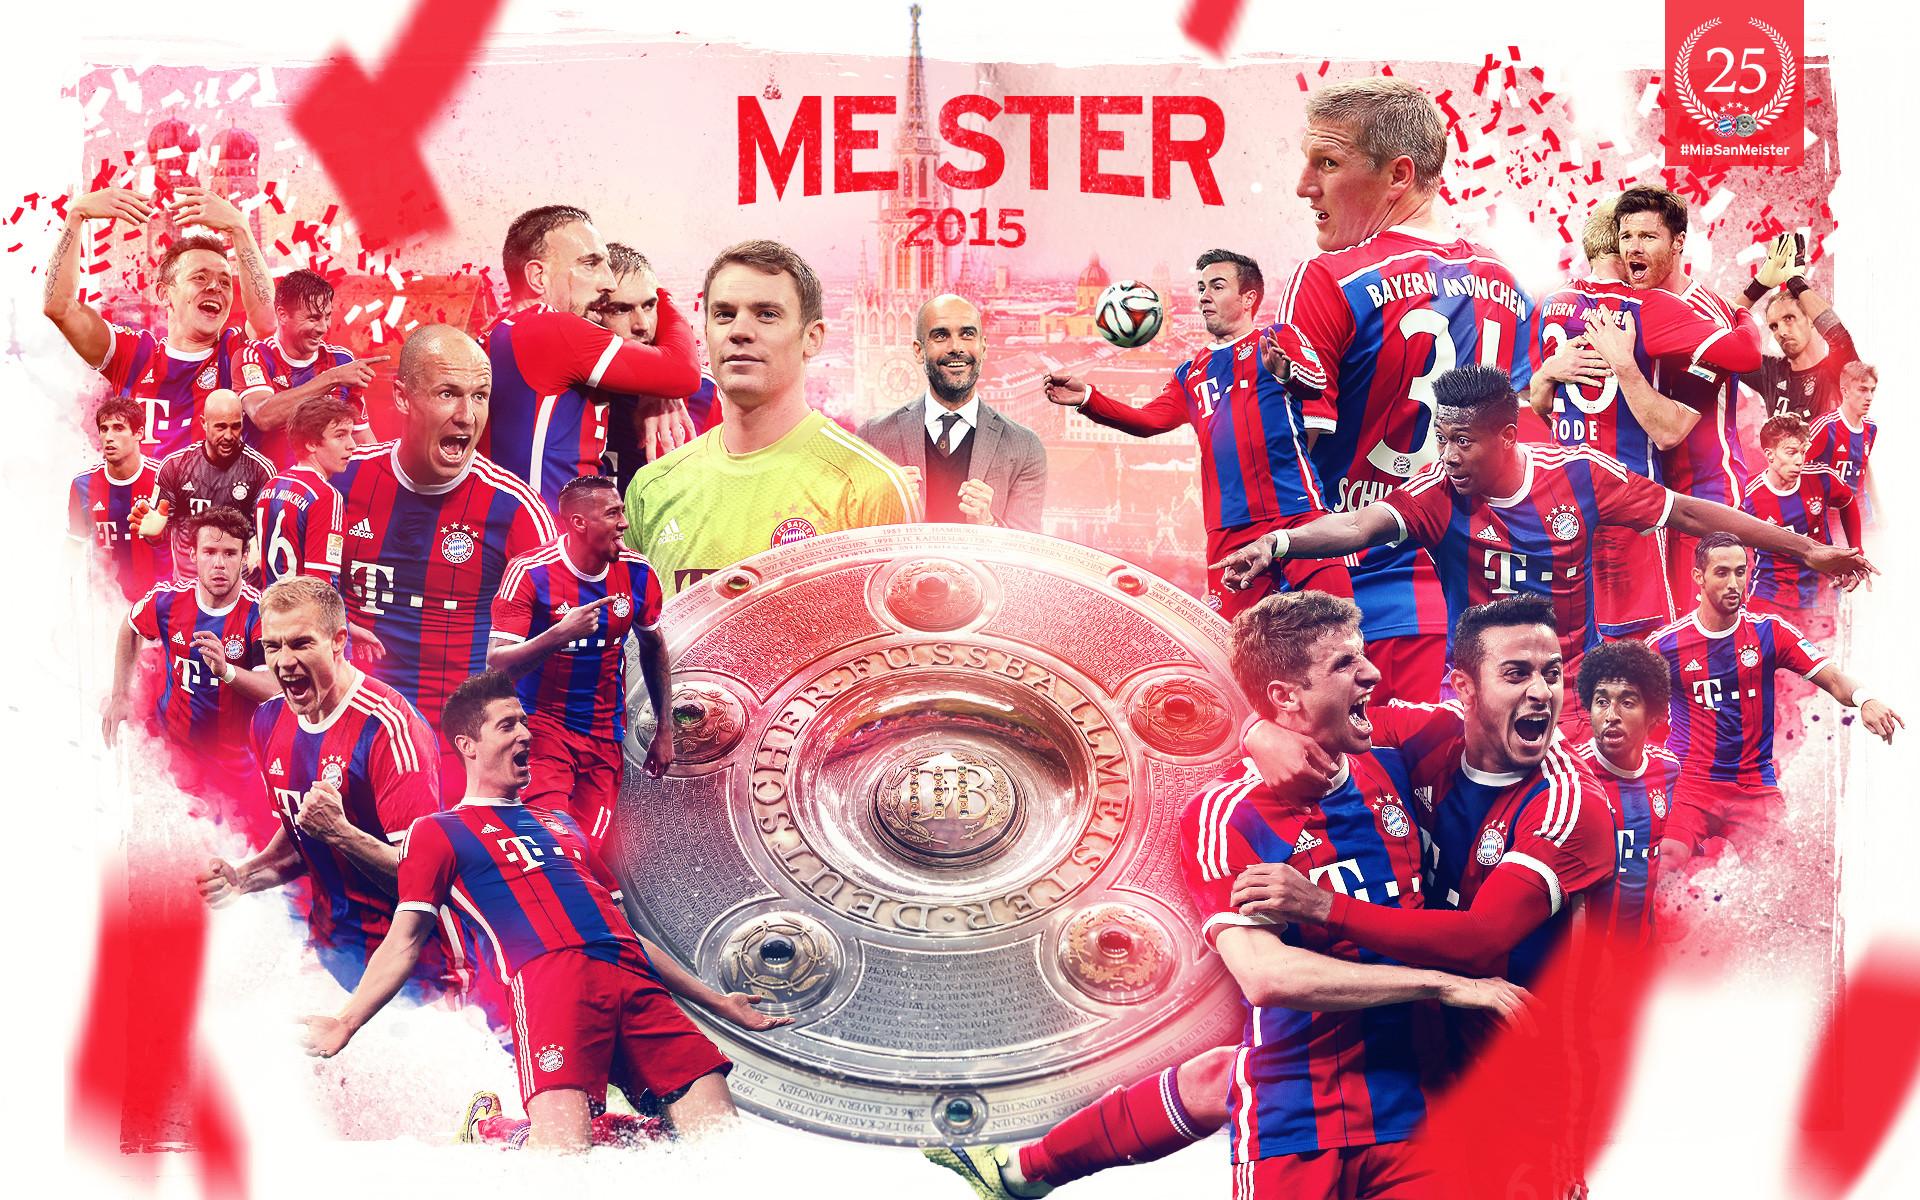 FC-Bayern-Munchen-2015-Bundesliga-Champions-Meisterschaft